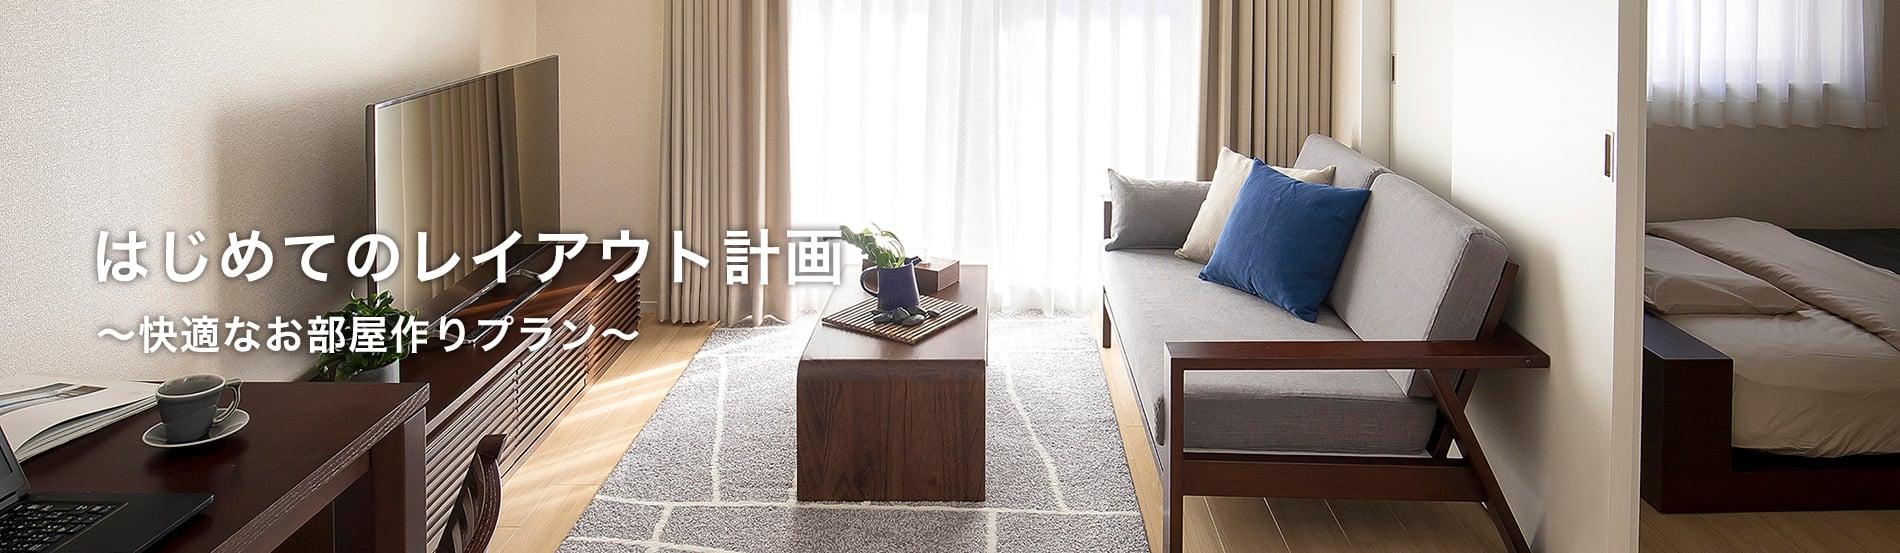 はじめてのレイアウト計画 -快適な部屋作りプラン-